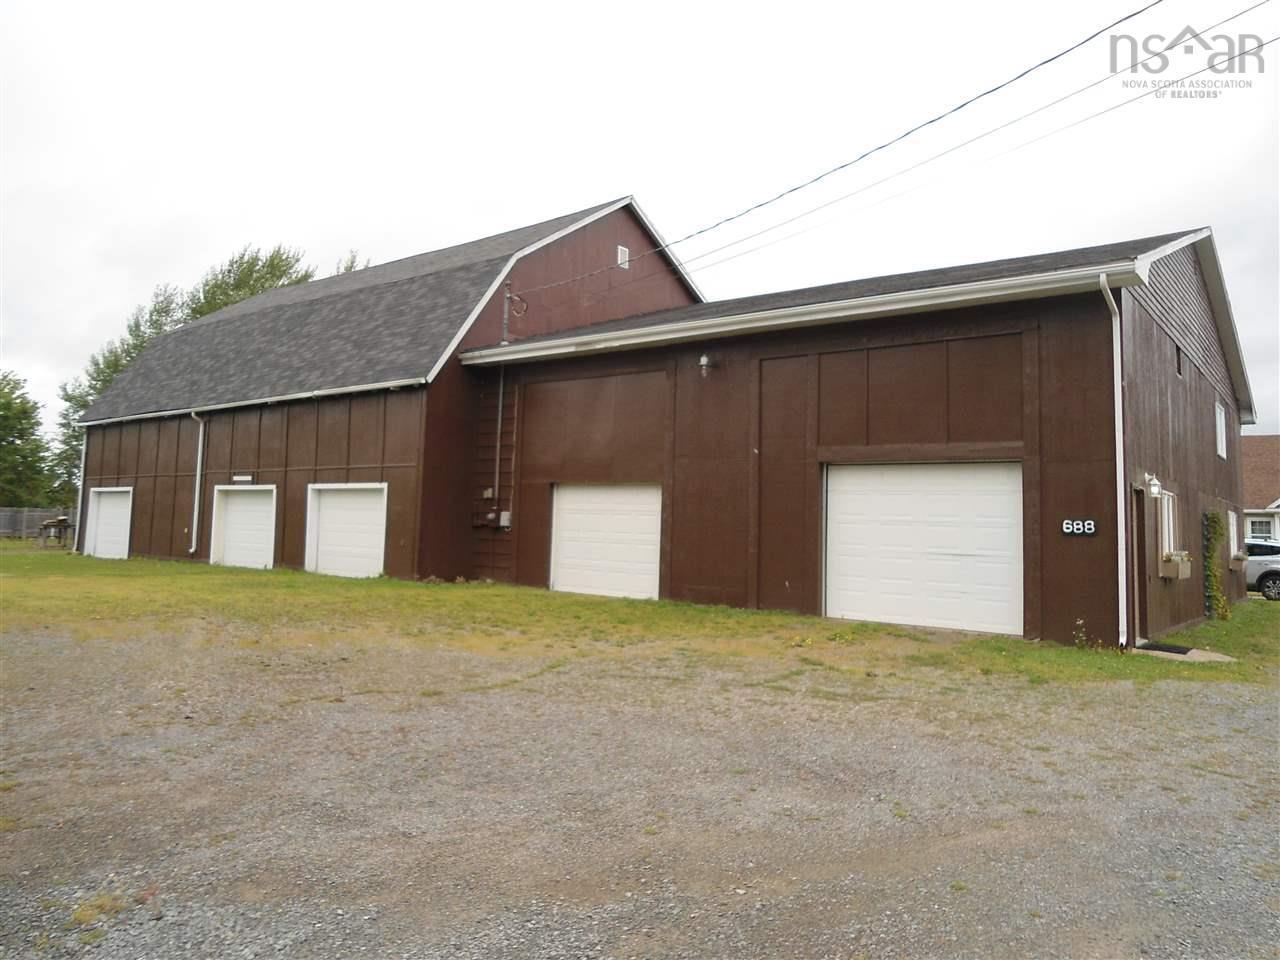 688 Lockhartville Road Lockhartville